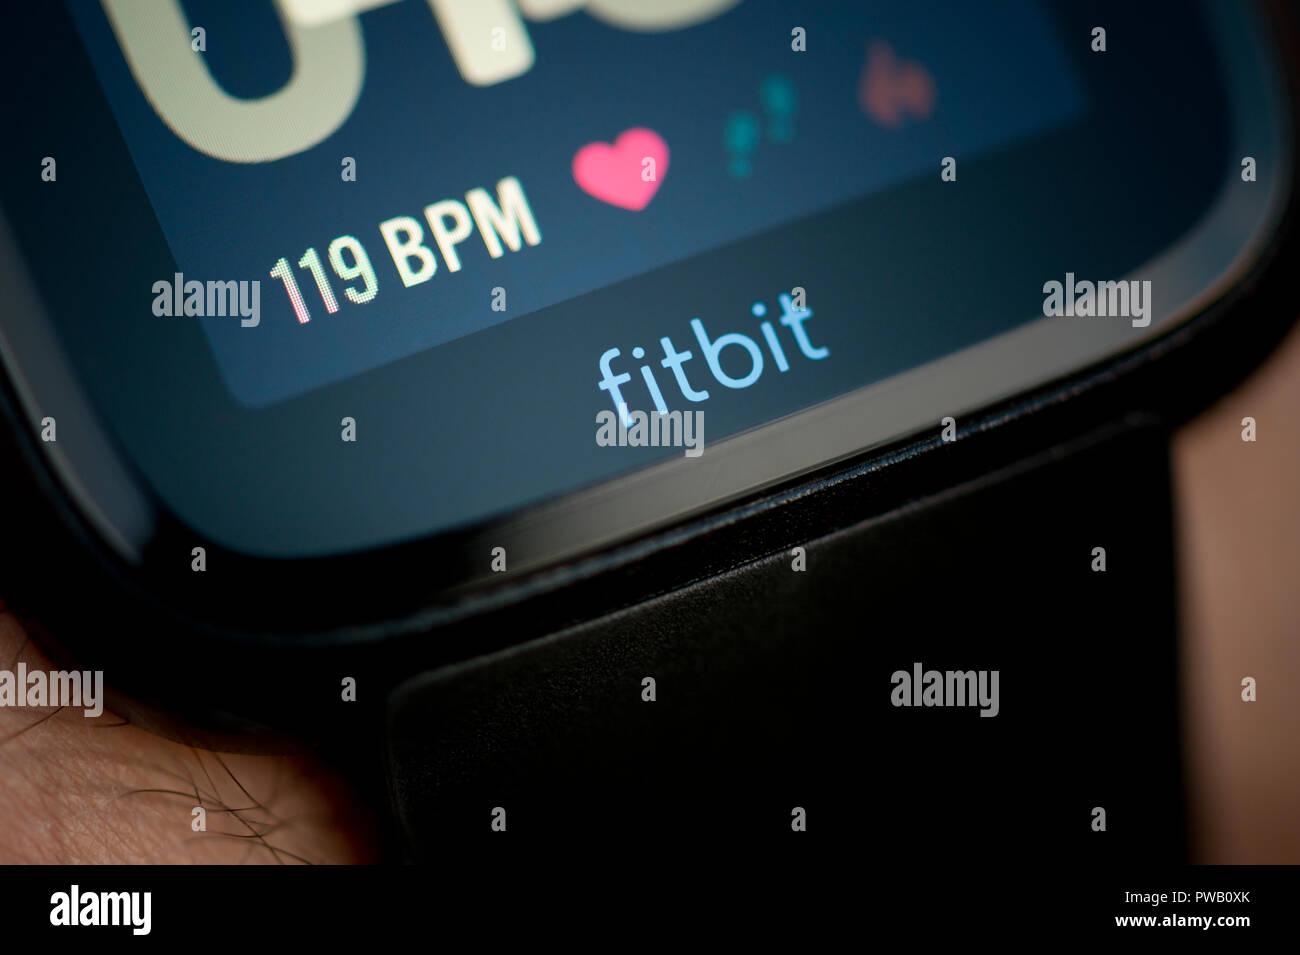 Un hommes vérifie son activité tracker Fitbit Versa y compris moniteur de fréquence cardiaque à l'aide d'unités BPM au cours d'un exercice d'entraînement. Photo Stock